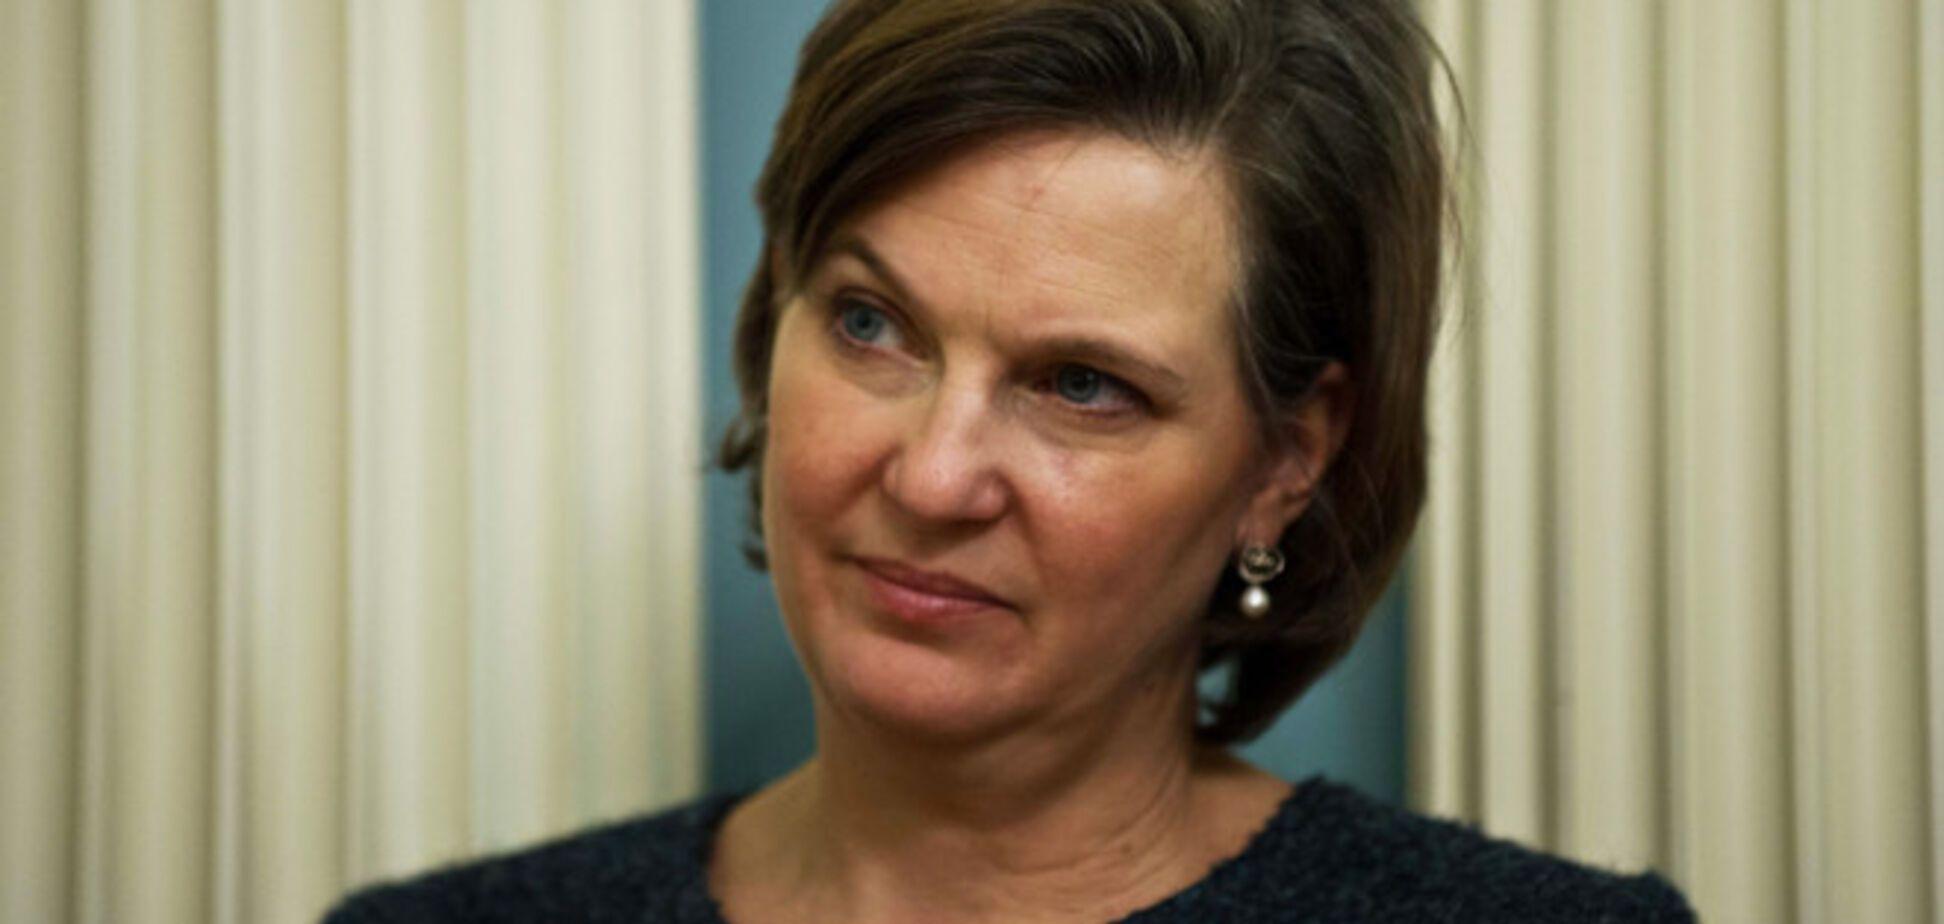 Вибори в Україні - це питання нацбезпеки для США - Нуланд